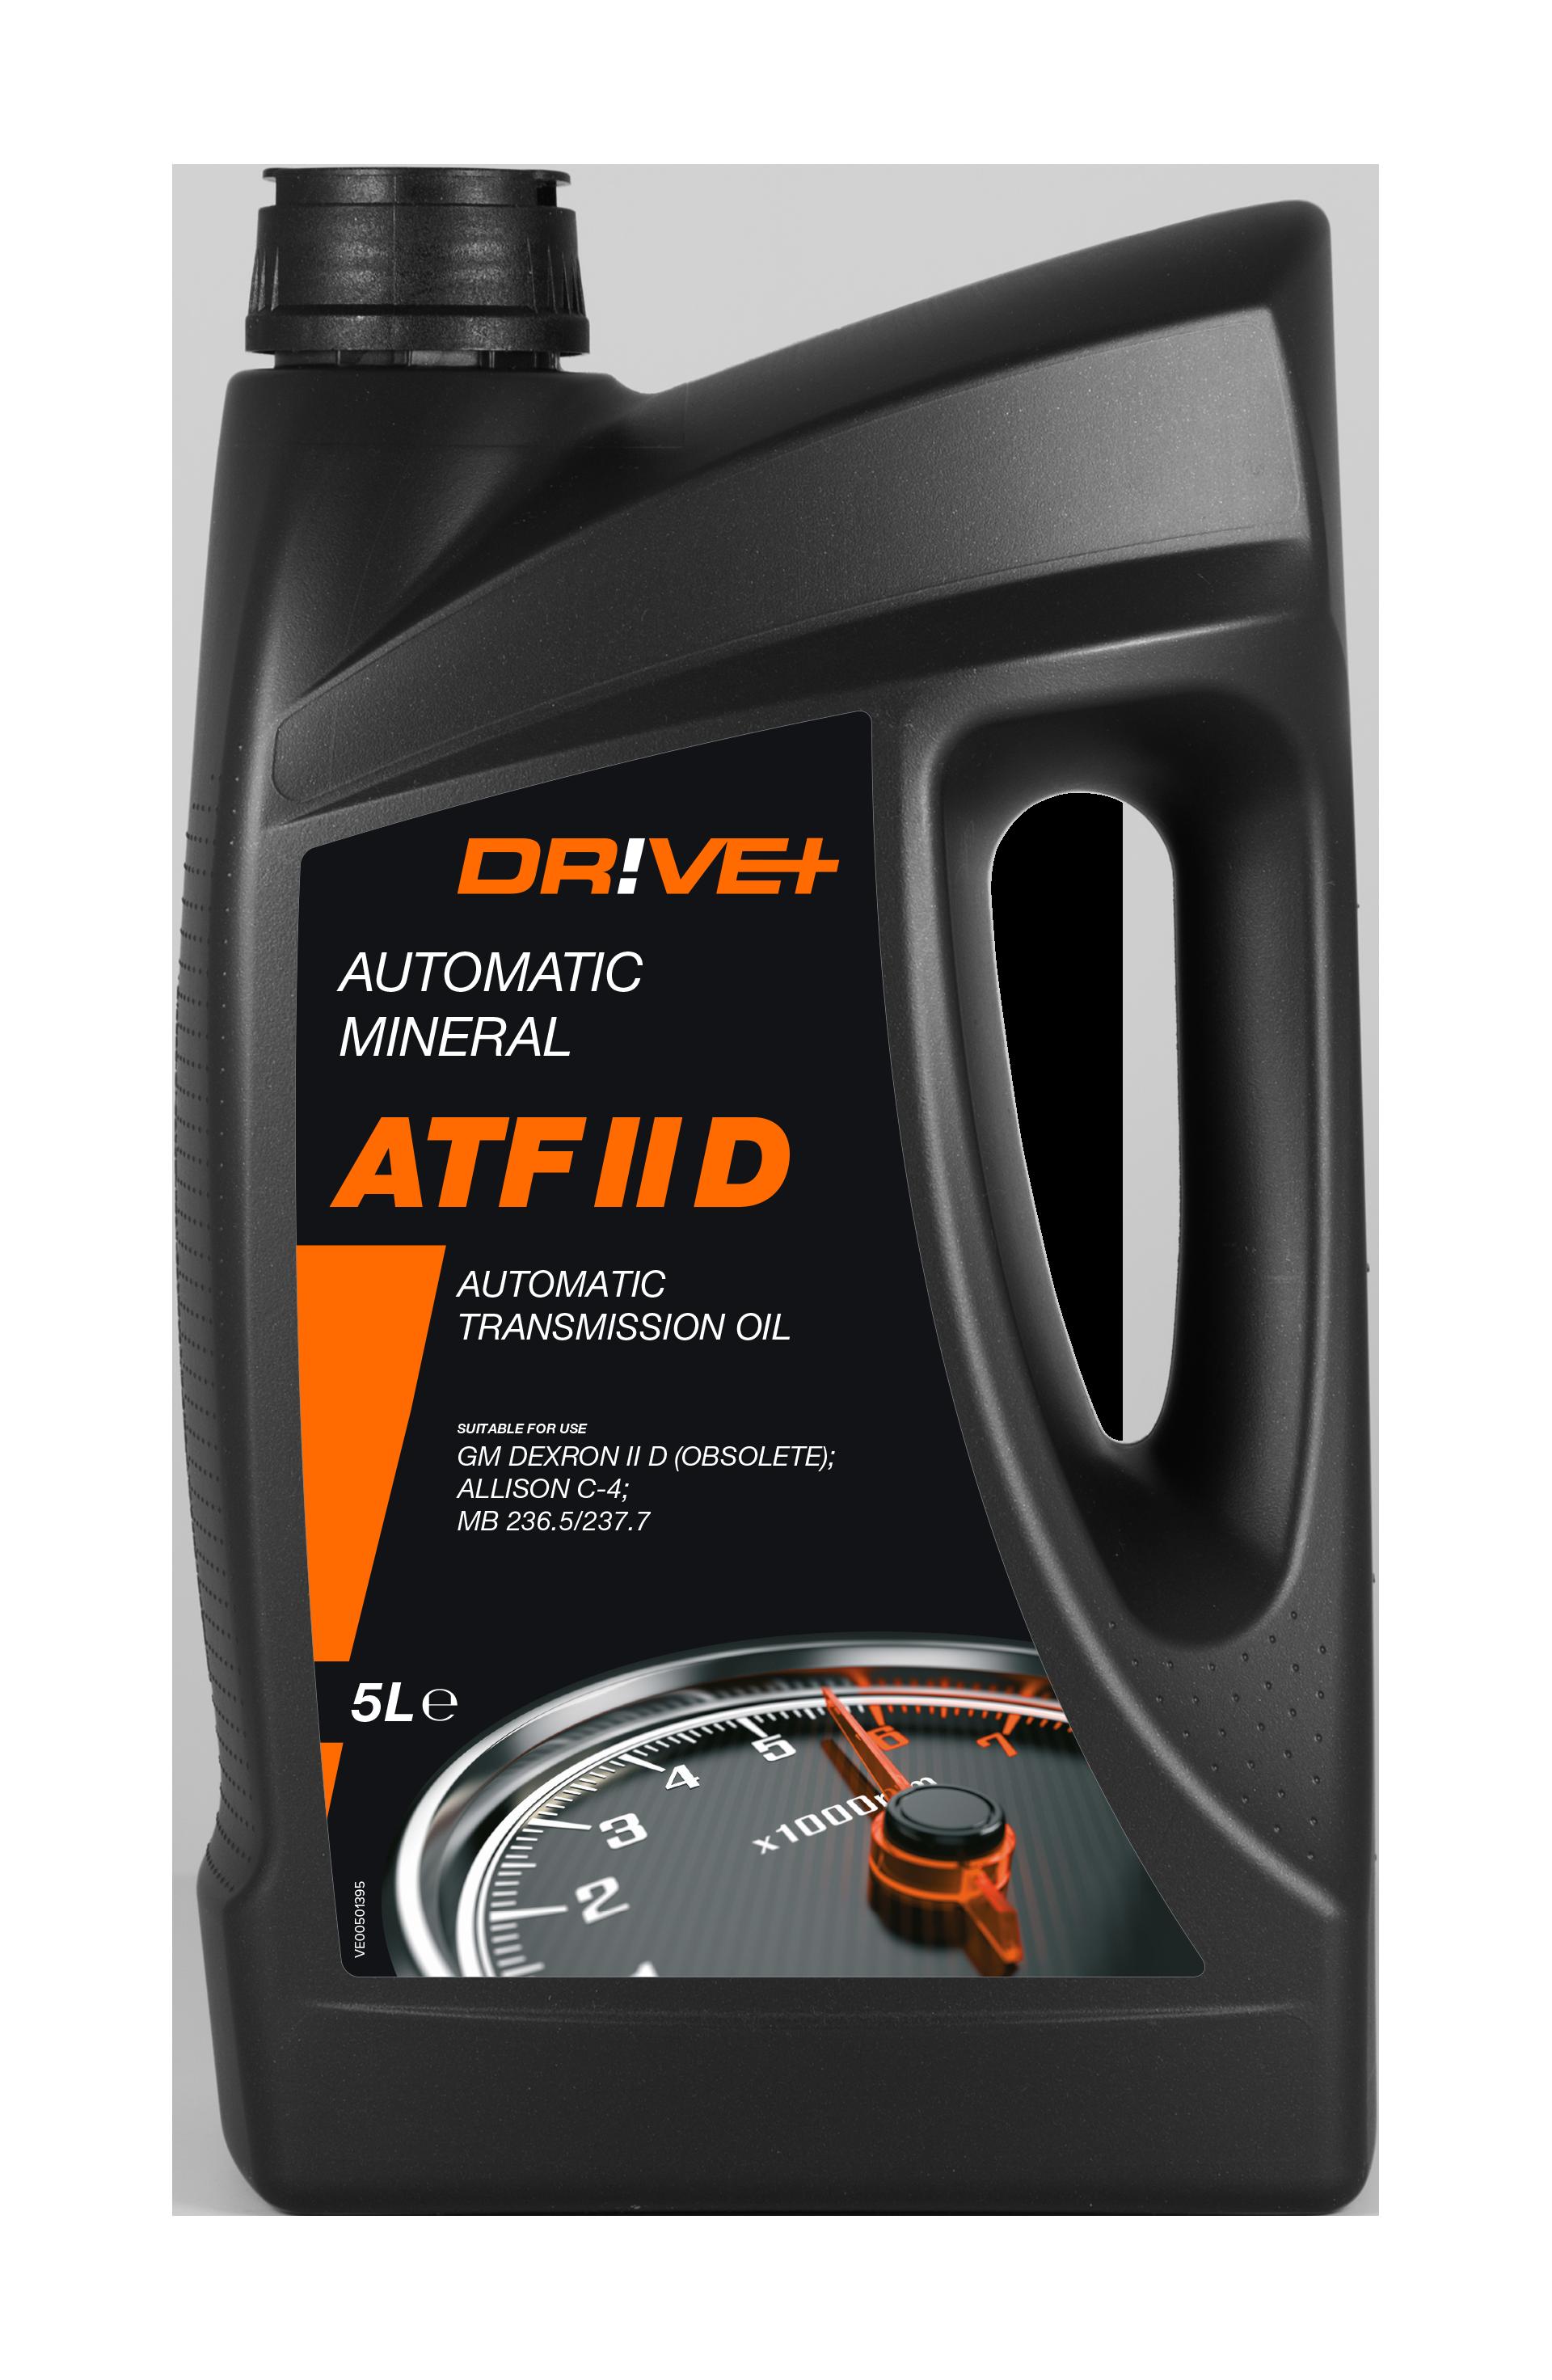 Dr!ve+  DP3310.10.088 Hydrauliköl Inhalt: 5l, GM Dexron II D, Ford MERCON, ZF TE-ML 09/11/14, Mercedes Benz 236.1/, Denison HF-0